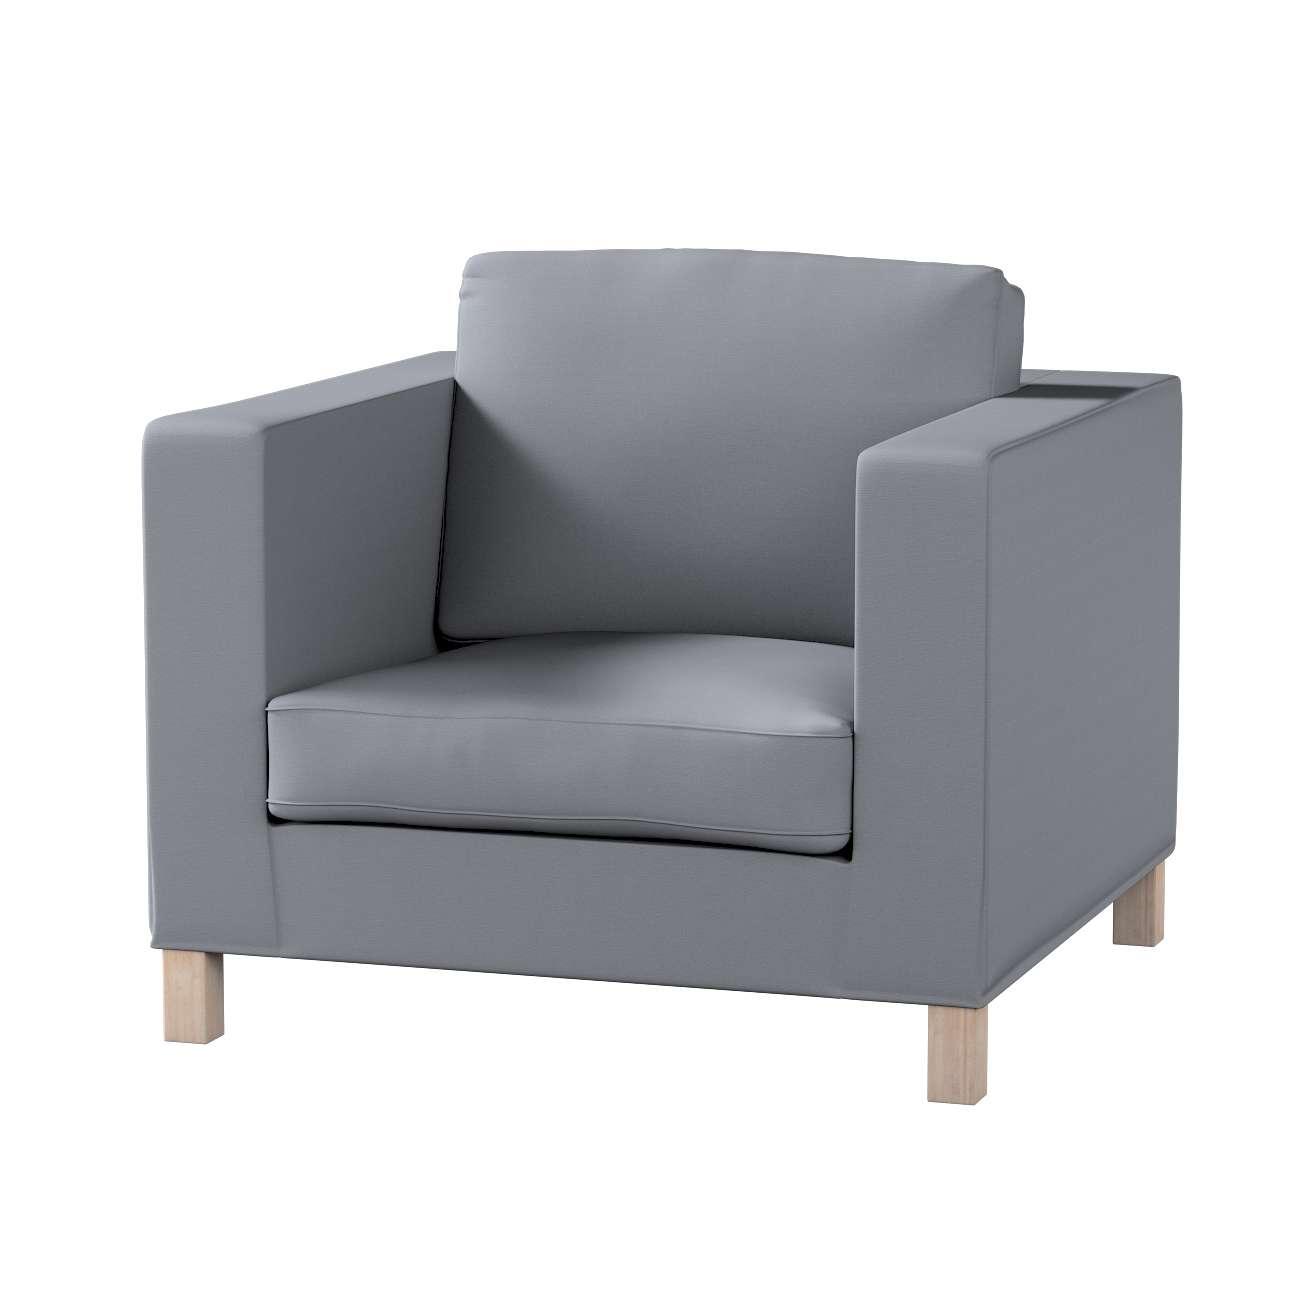 KARLANDA fotelio užvalkalas KARLANDA fotelio užvalkalas kolekcijoje Cotton Panama, audinys: 702-07